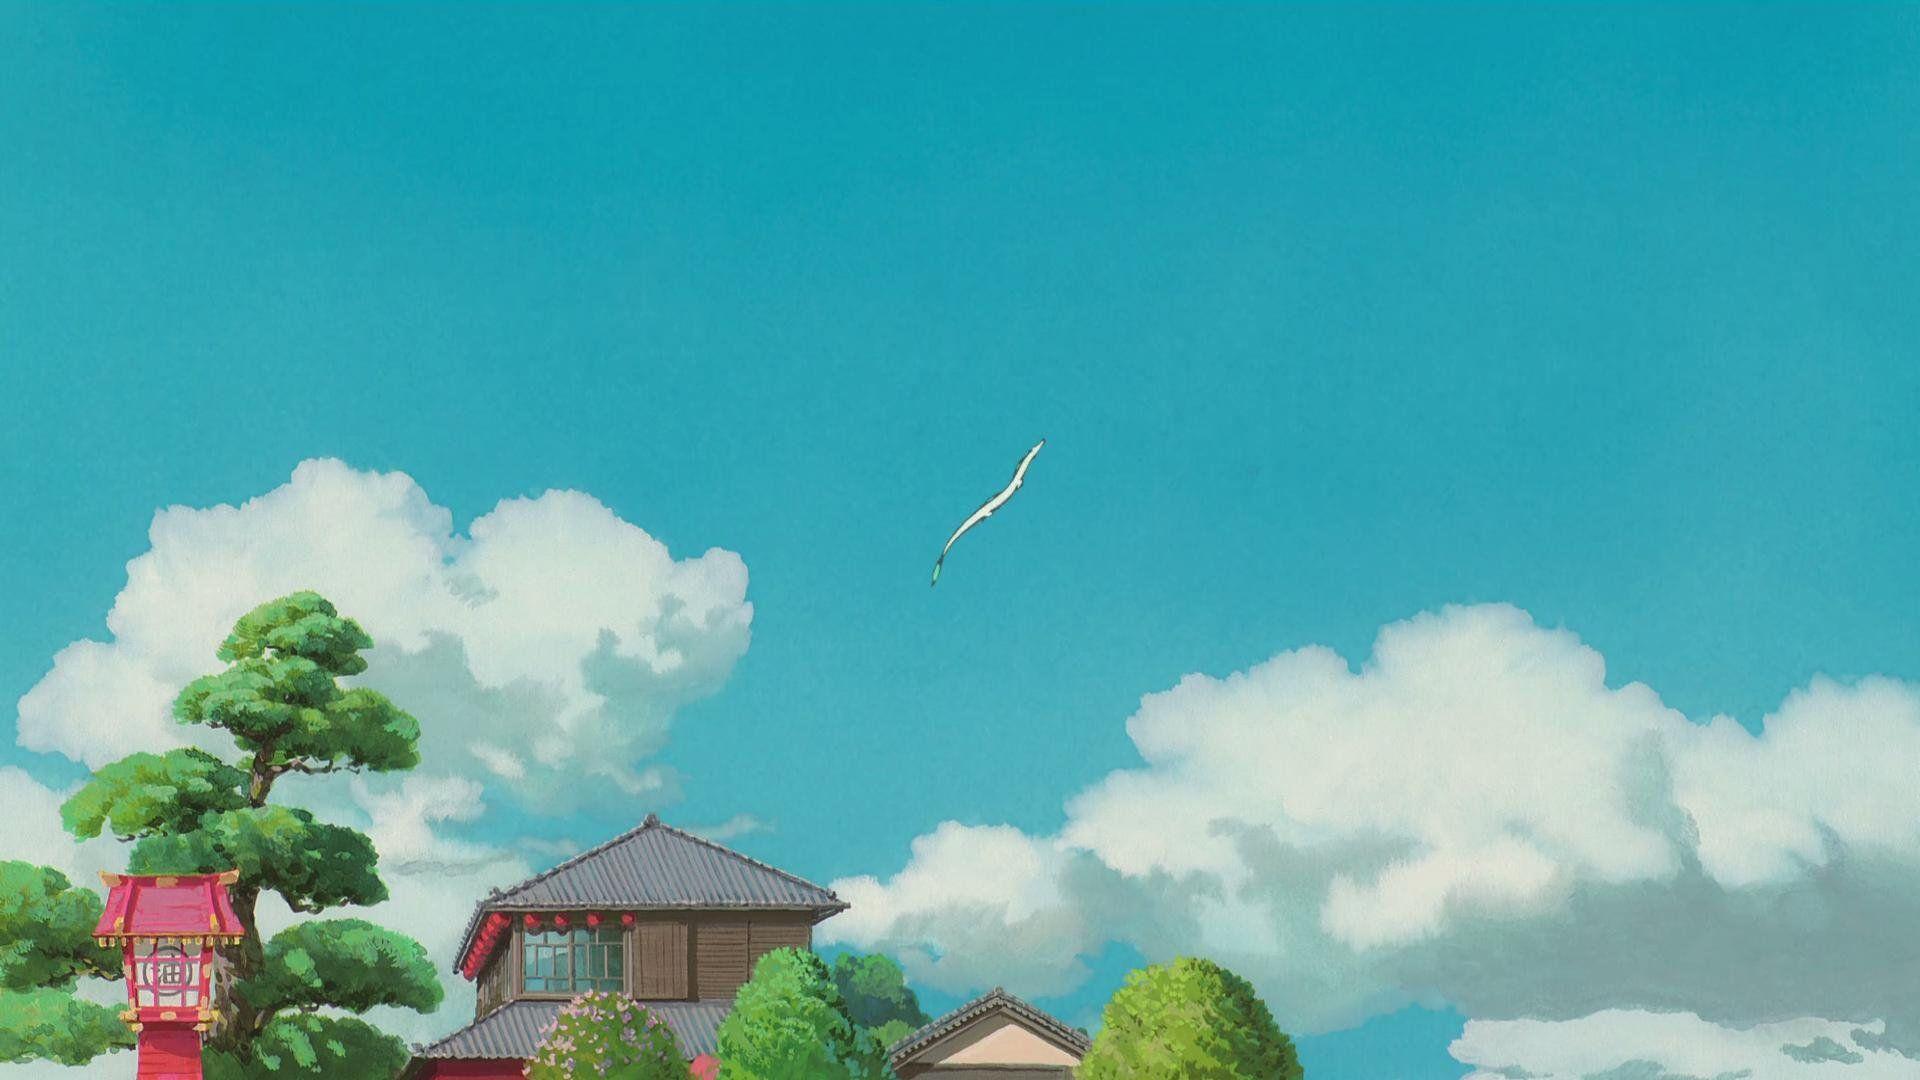 Spirited Away Wallpaper Spirited Away Wallpapers Full Hd 1080p Desktop In 2020 Spirited Away Wallpaper Ghibli Artwork Anime Scenery Wallpaper